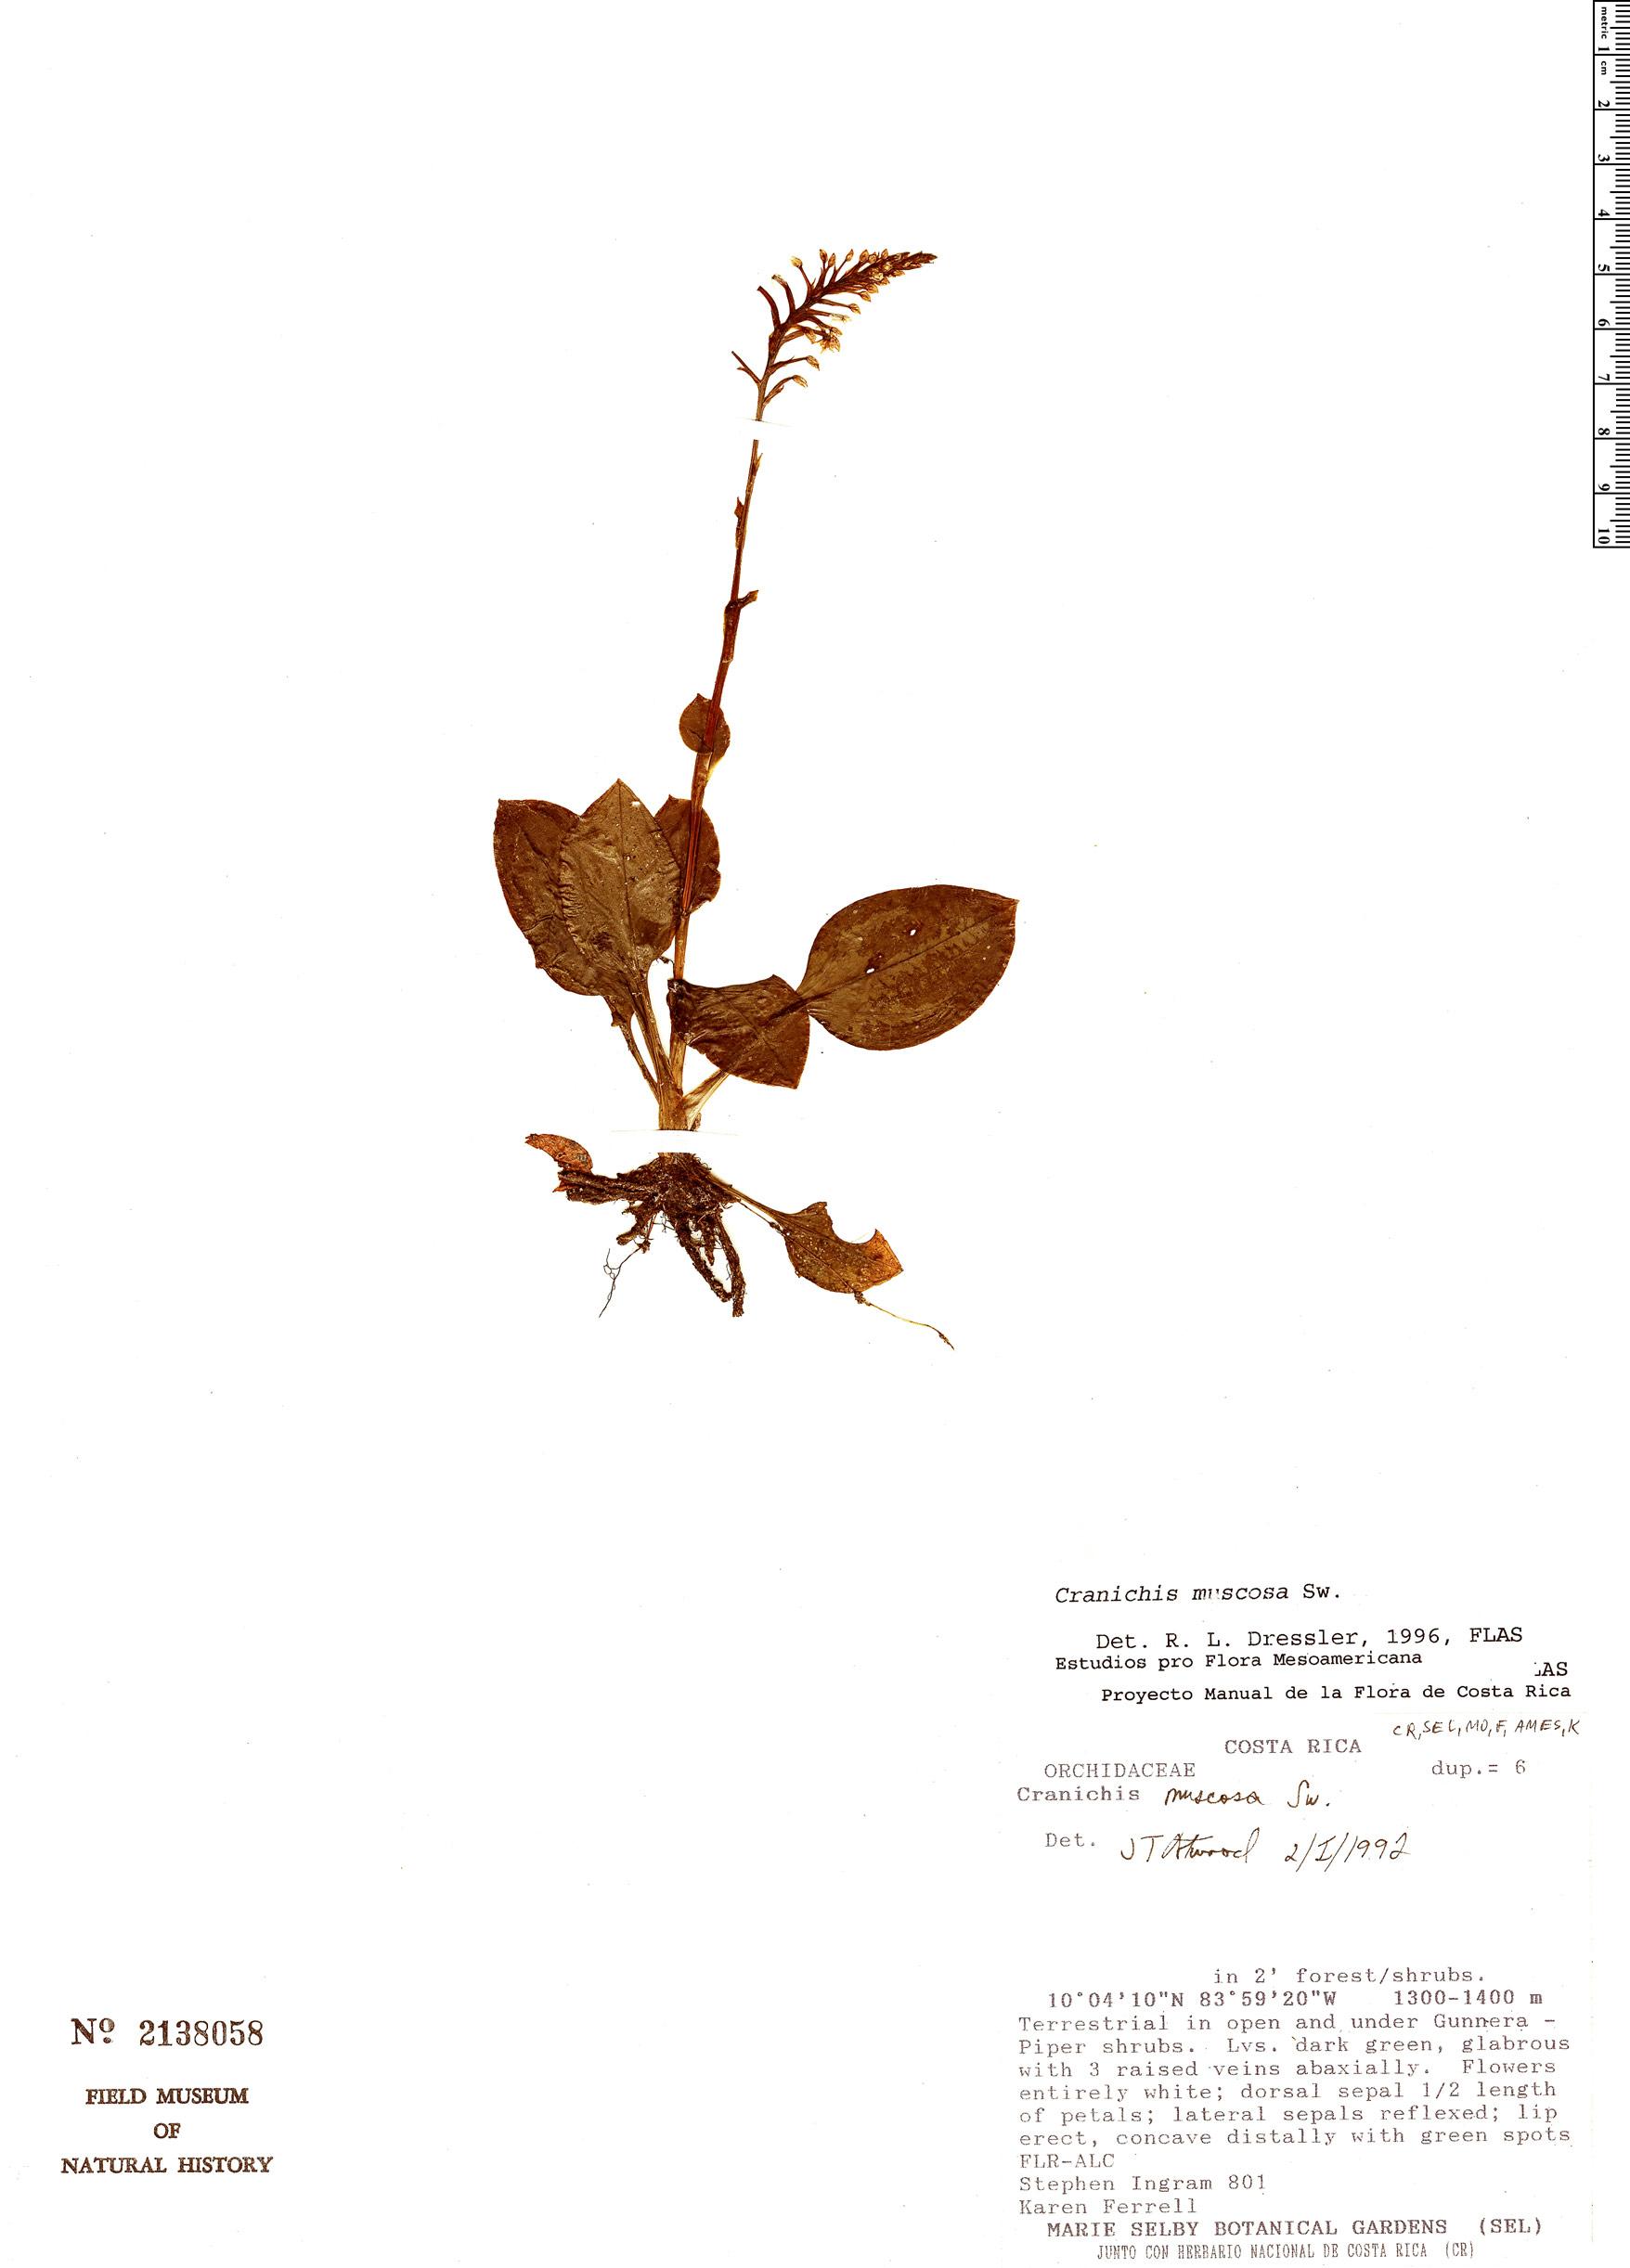 Specimen: Cranichis muscosa